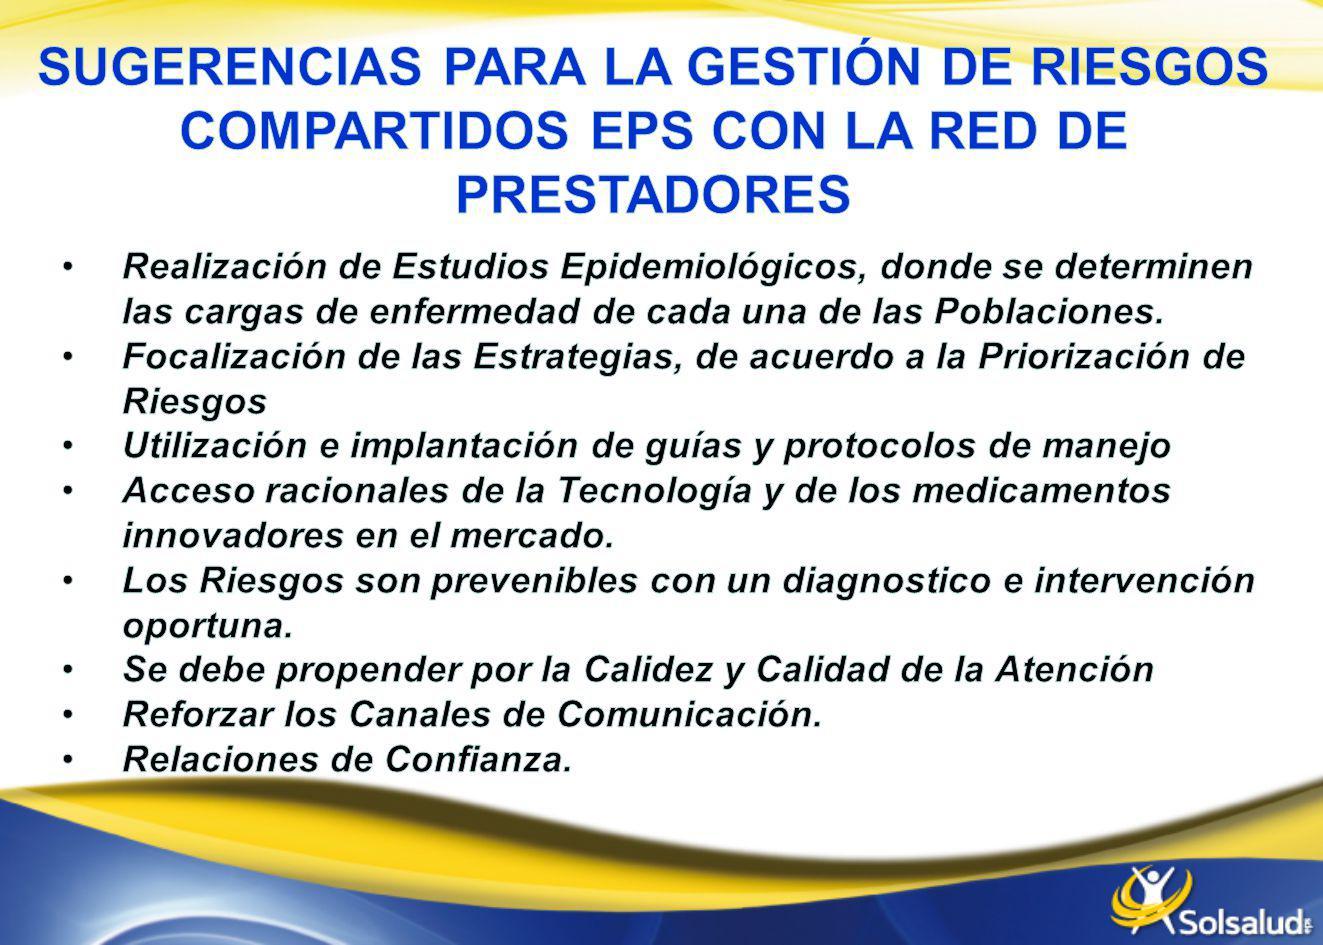 SUGERENCIAS PARA LA GESTIÓN DE RIESGOS COMPARTIDOS EPS CON LA RED DE PRESTADORES